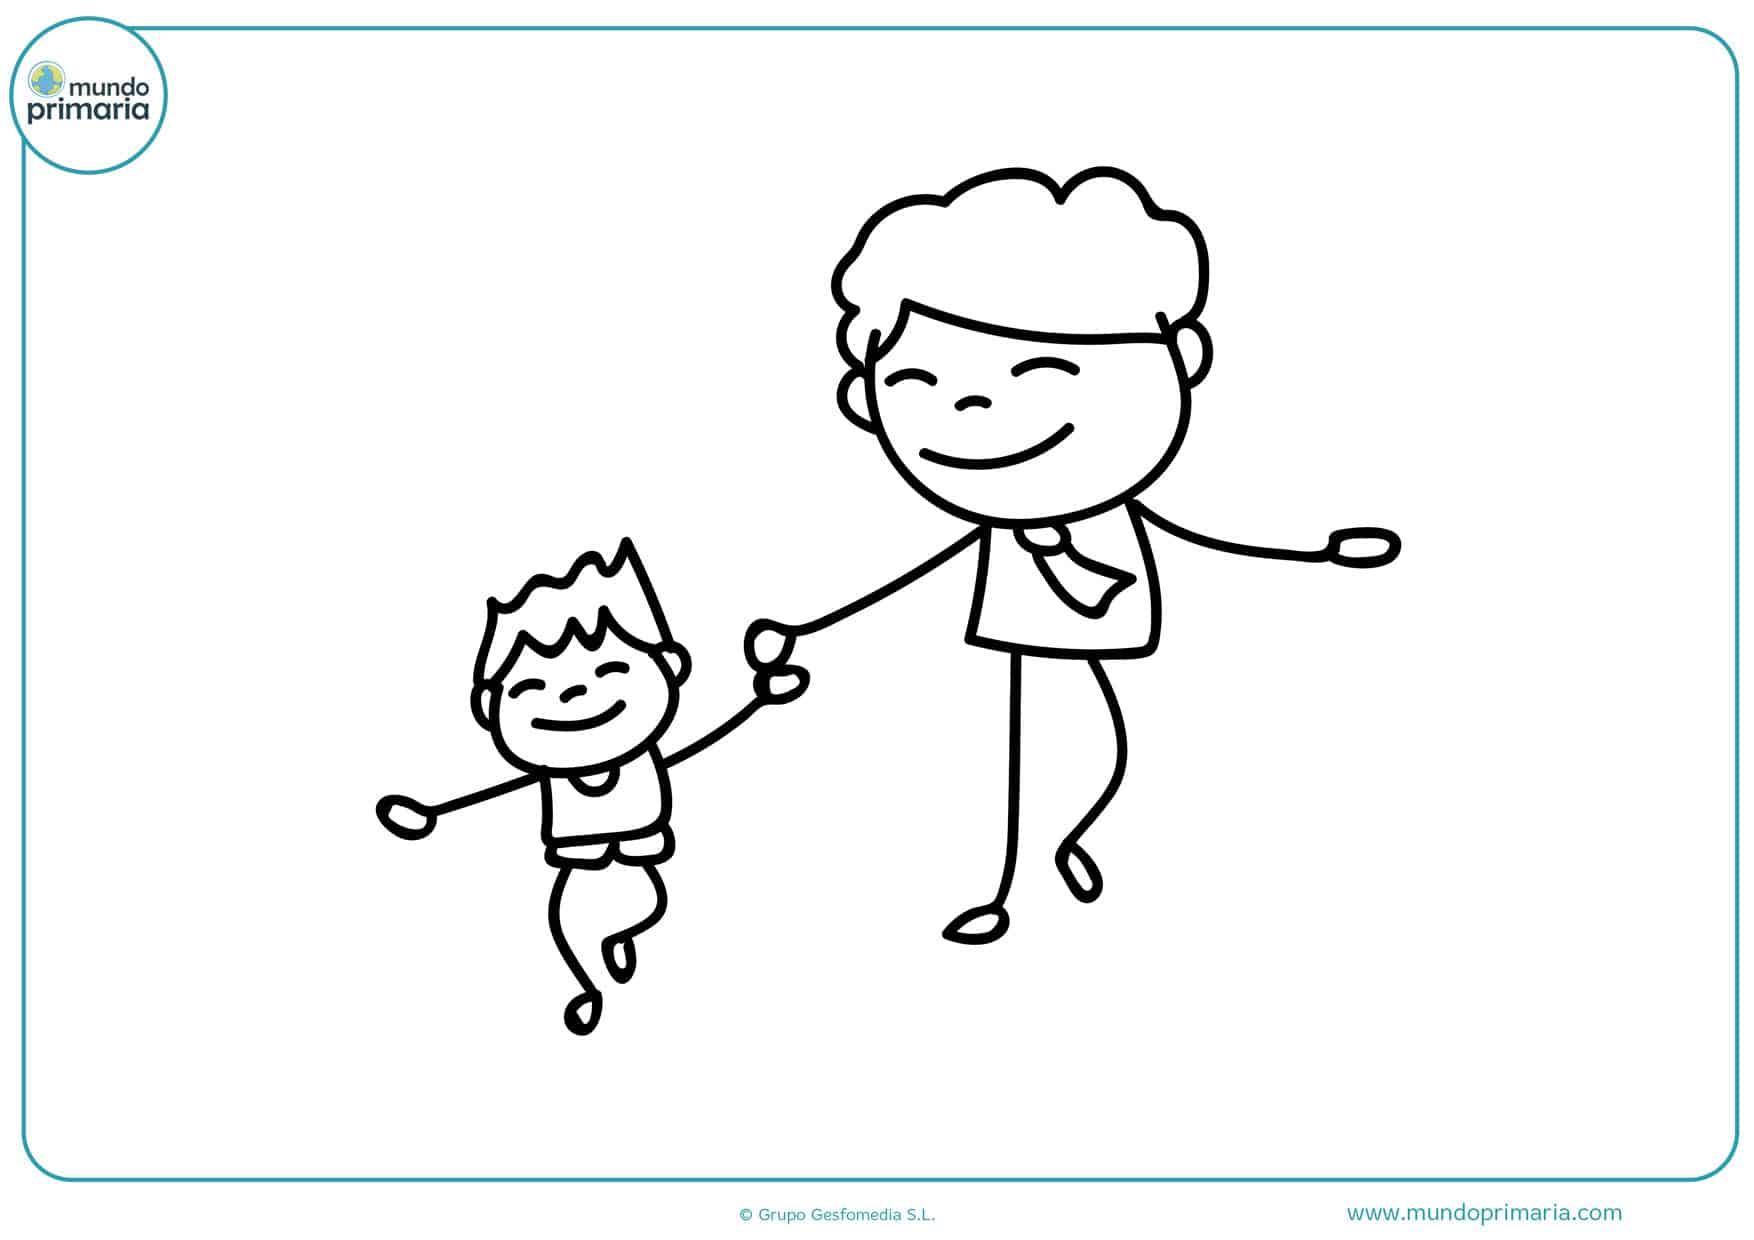 dibujos para imprimir y colorear para el día del padre